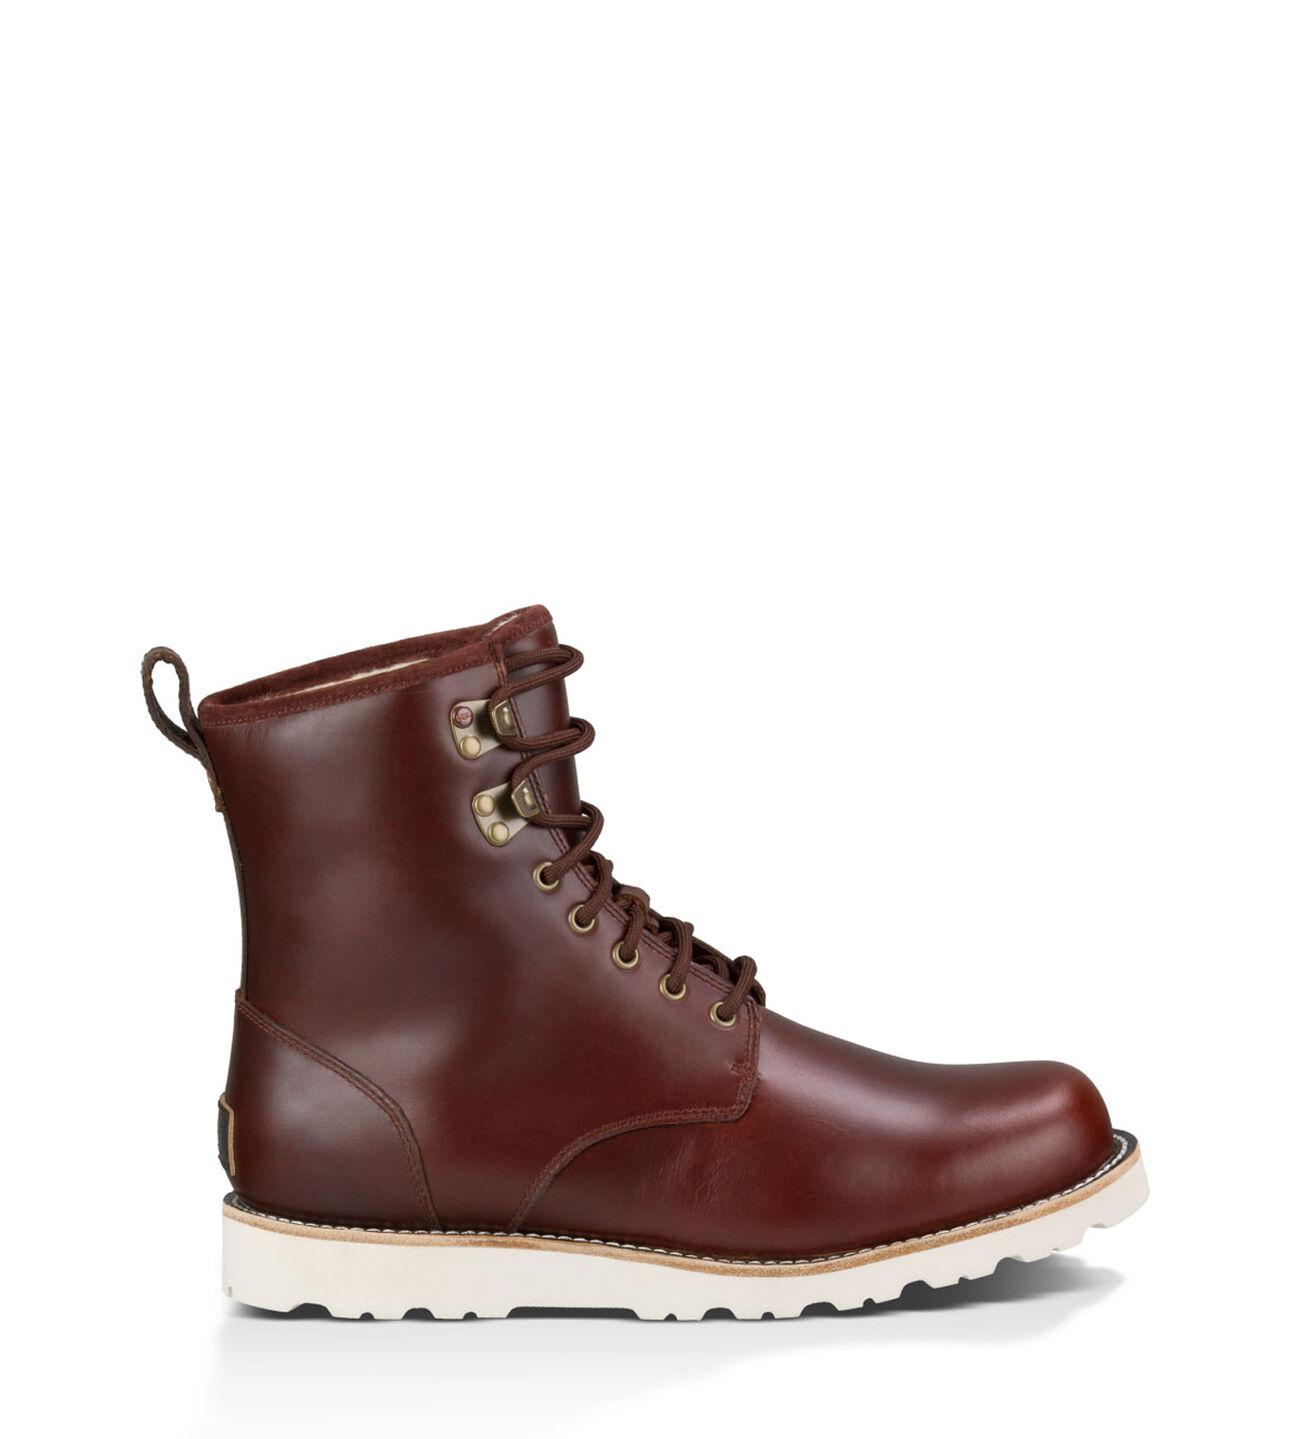 Men's Hannen TL Leather | UGG® Official | UGG.com